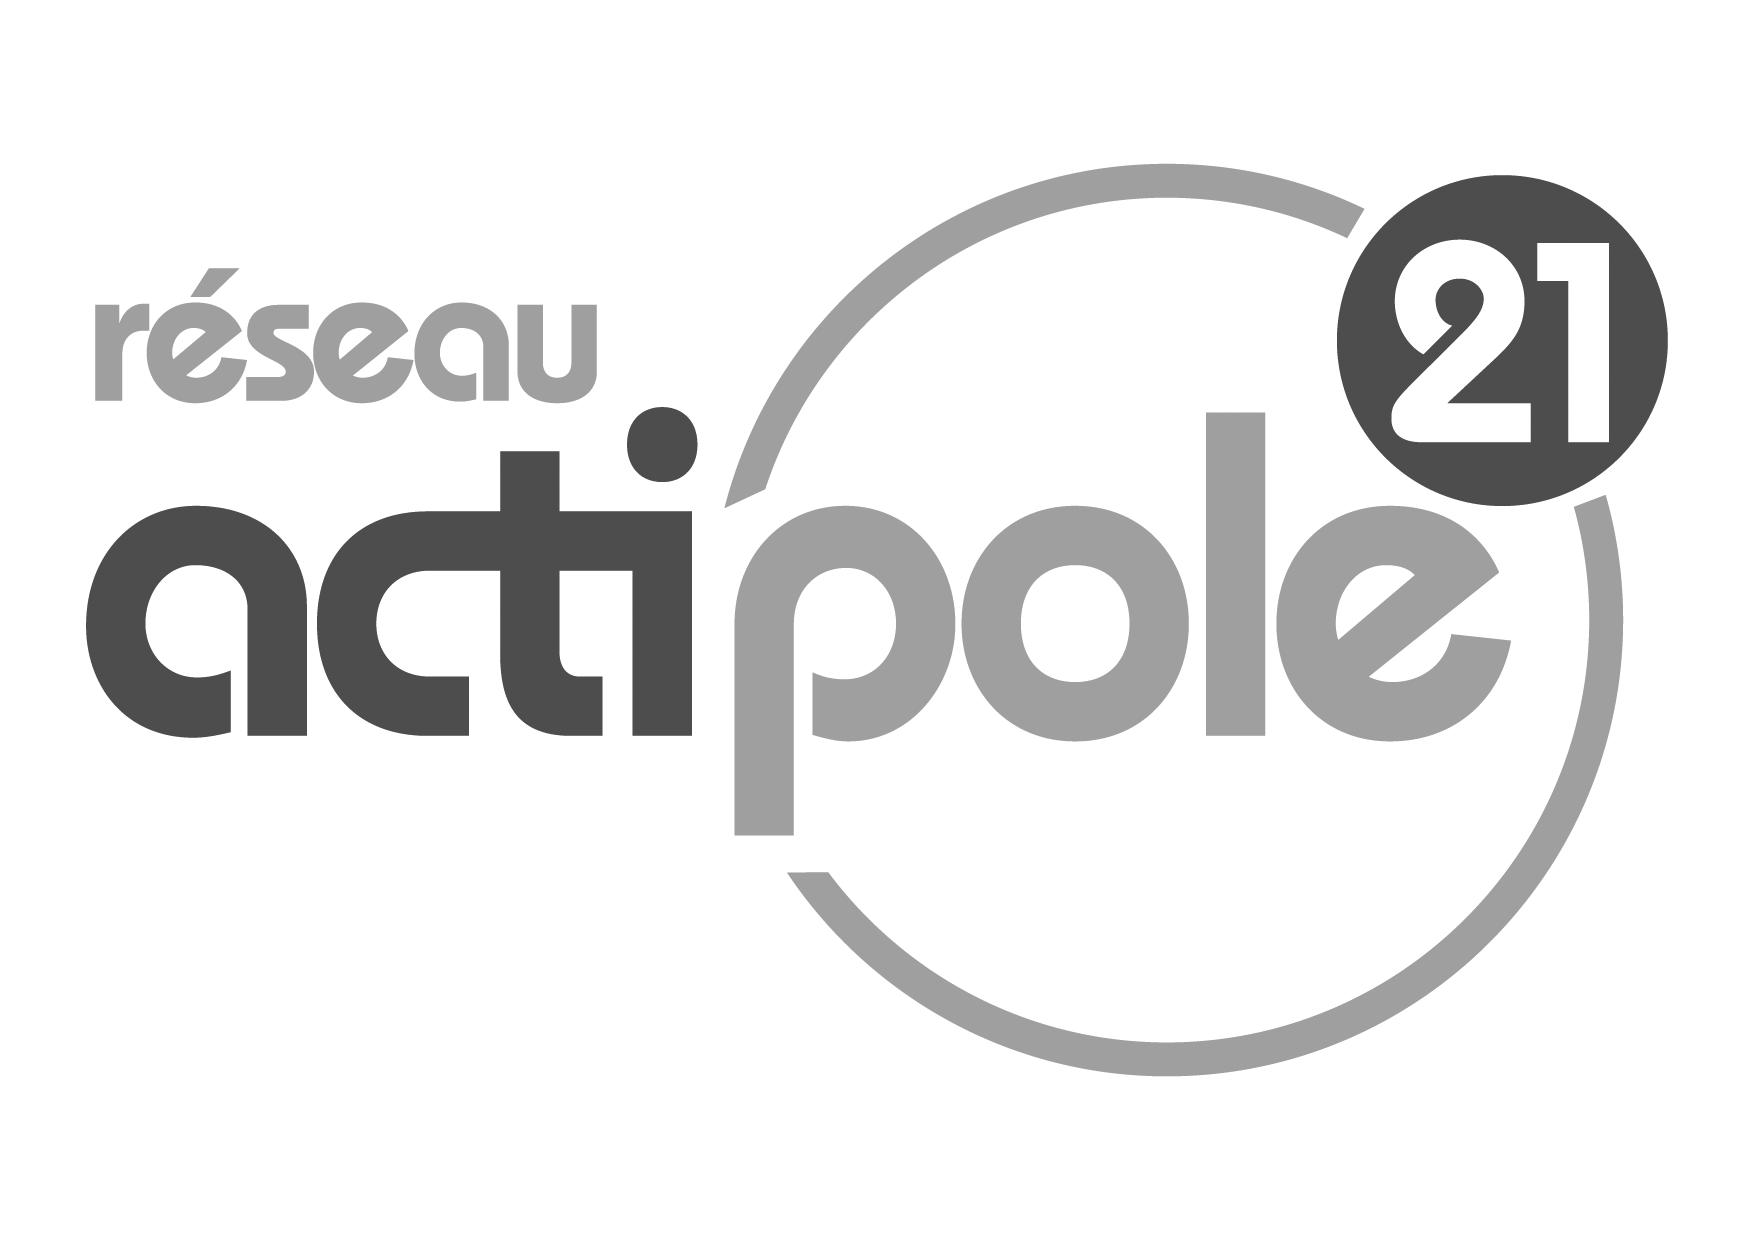 Logo actipole21 noir et blanc